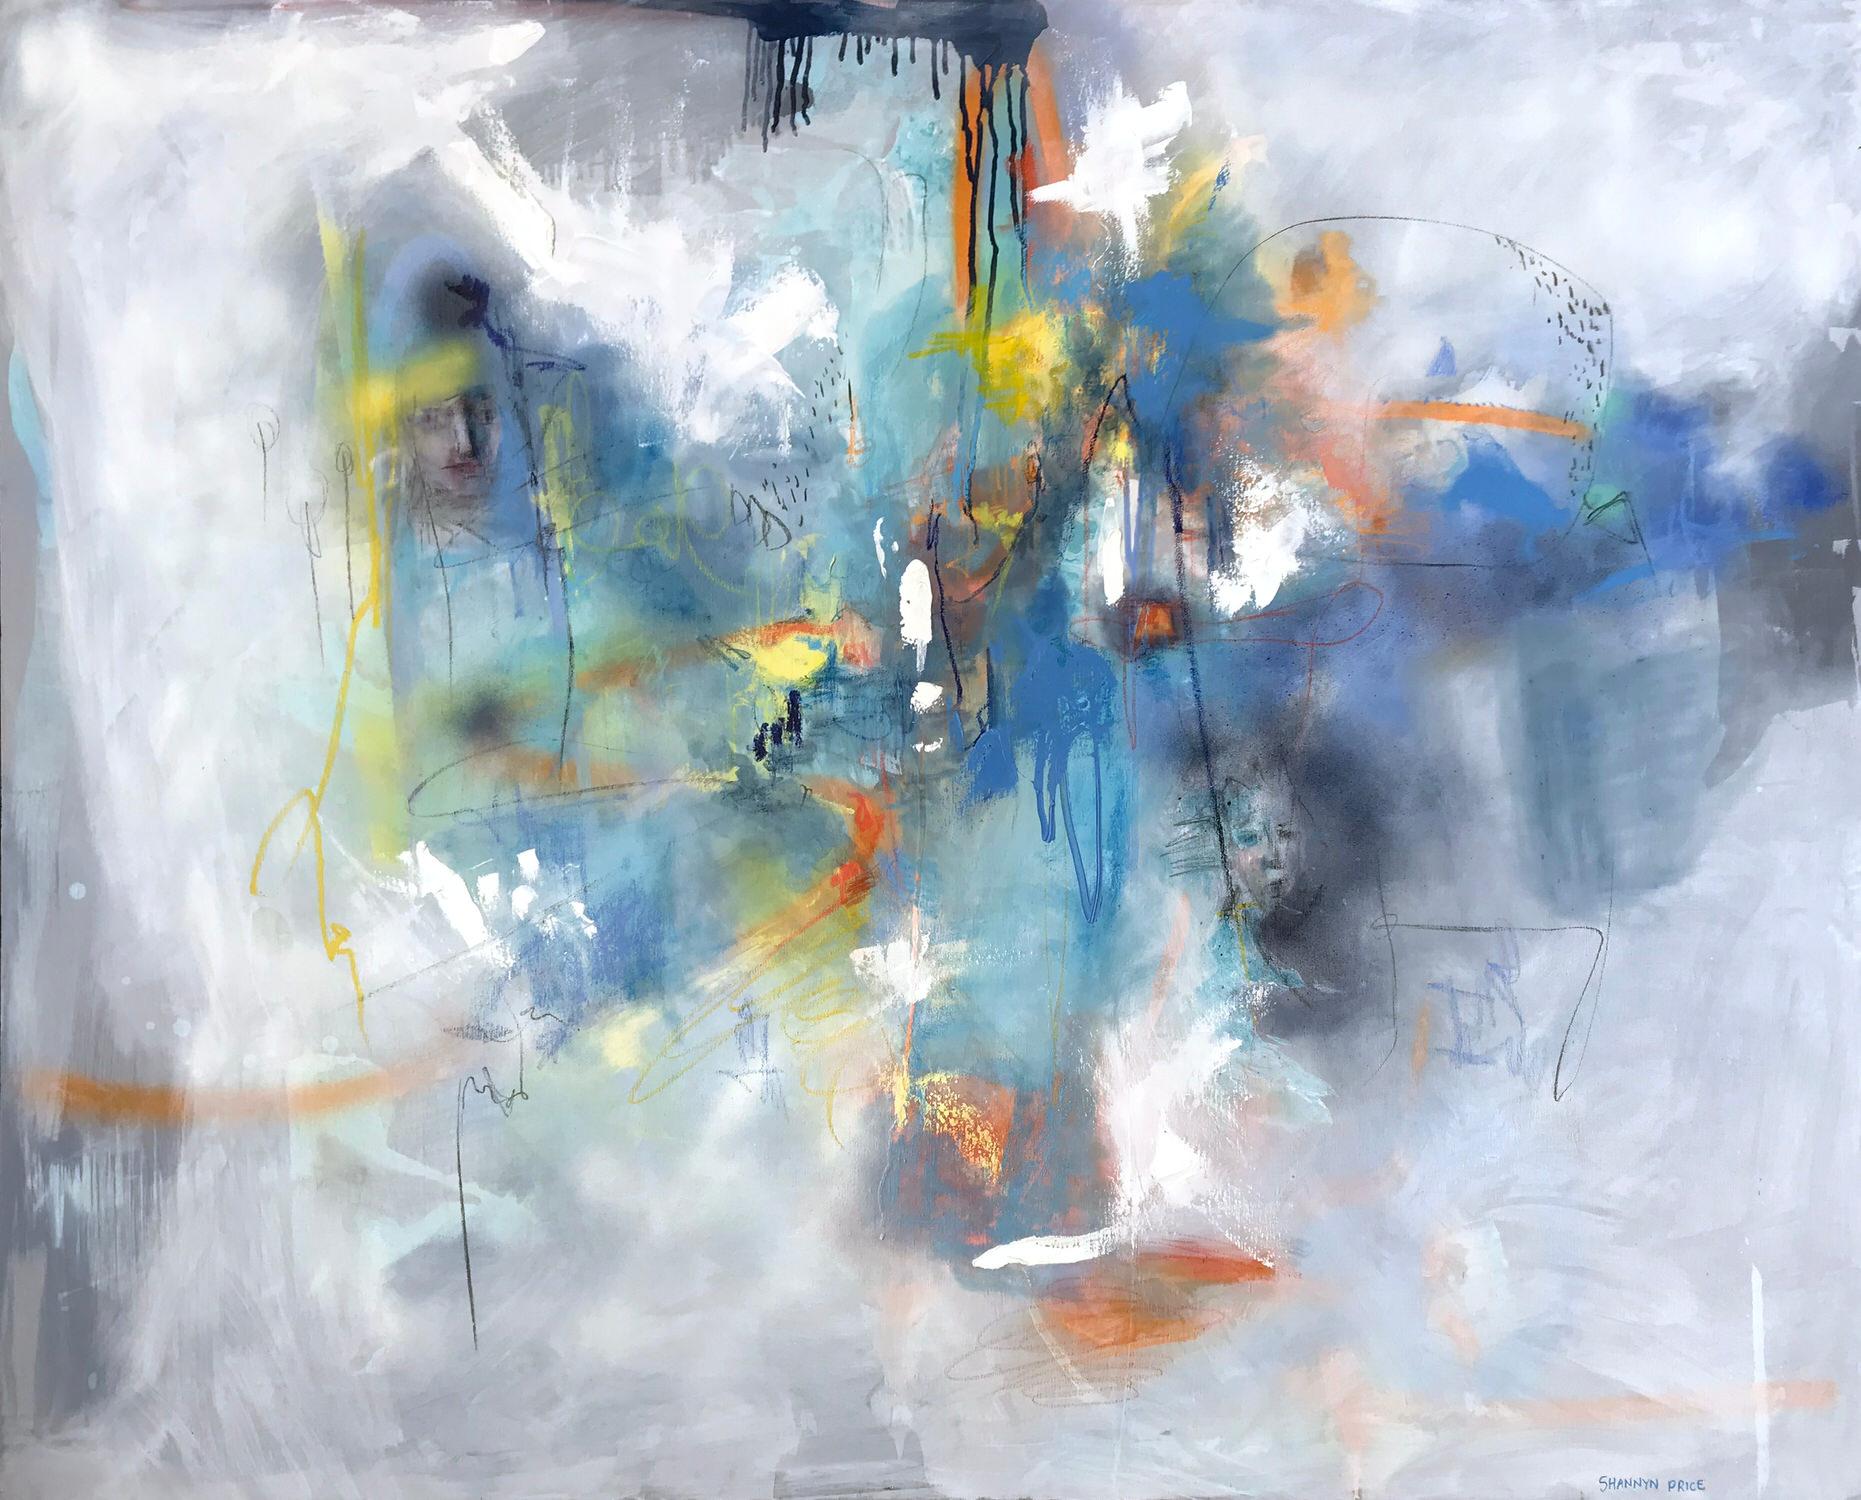 Shannyn Alexene PriceFamiliar Faces, 2019 Mixed Media on Canvas 152 x 122 cm.jpg